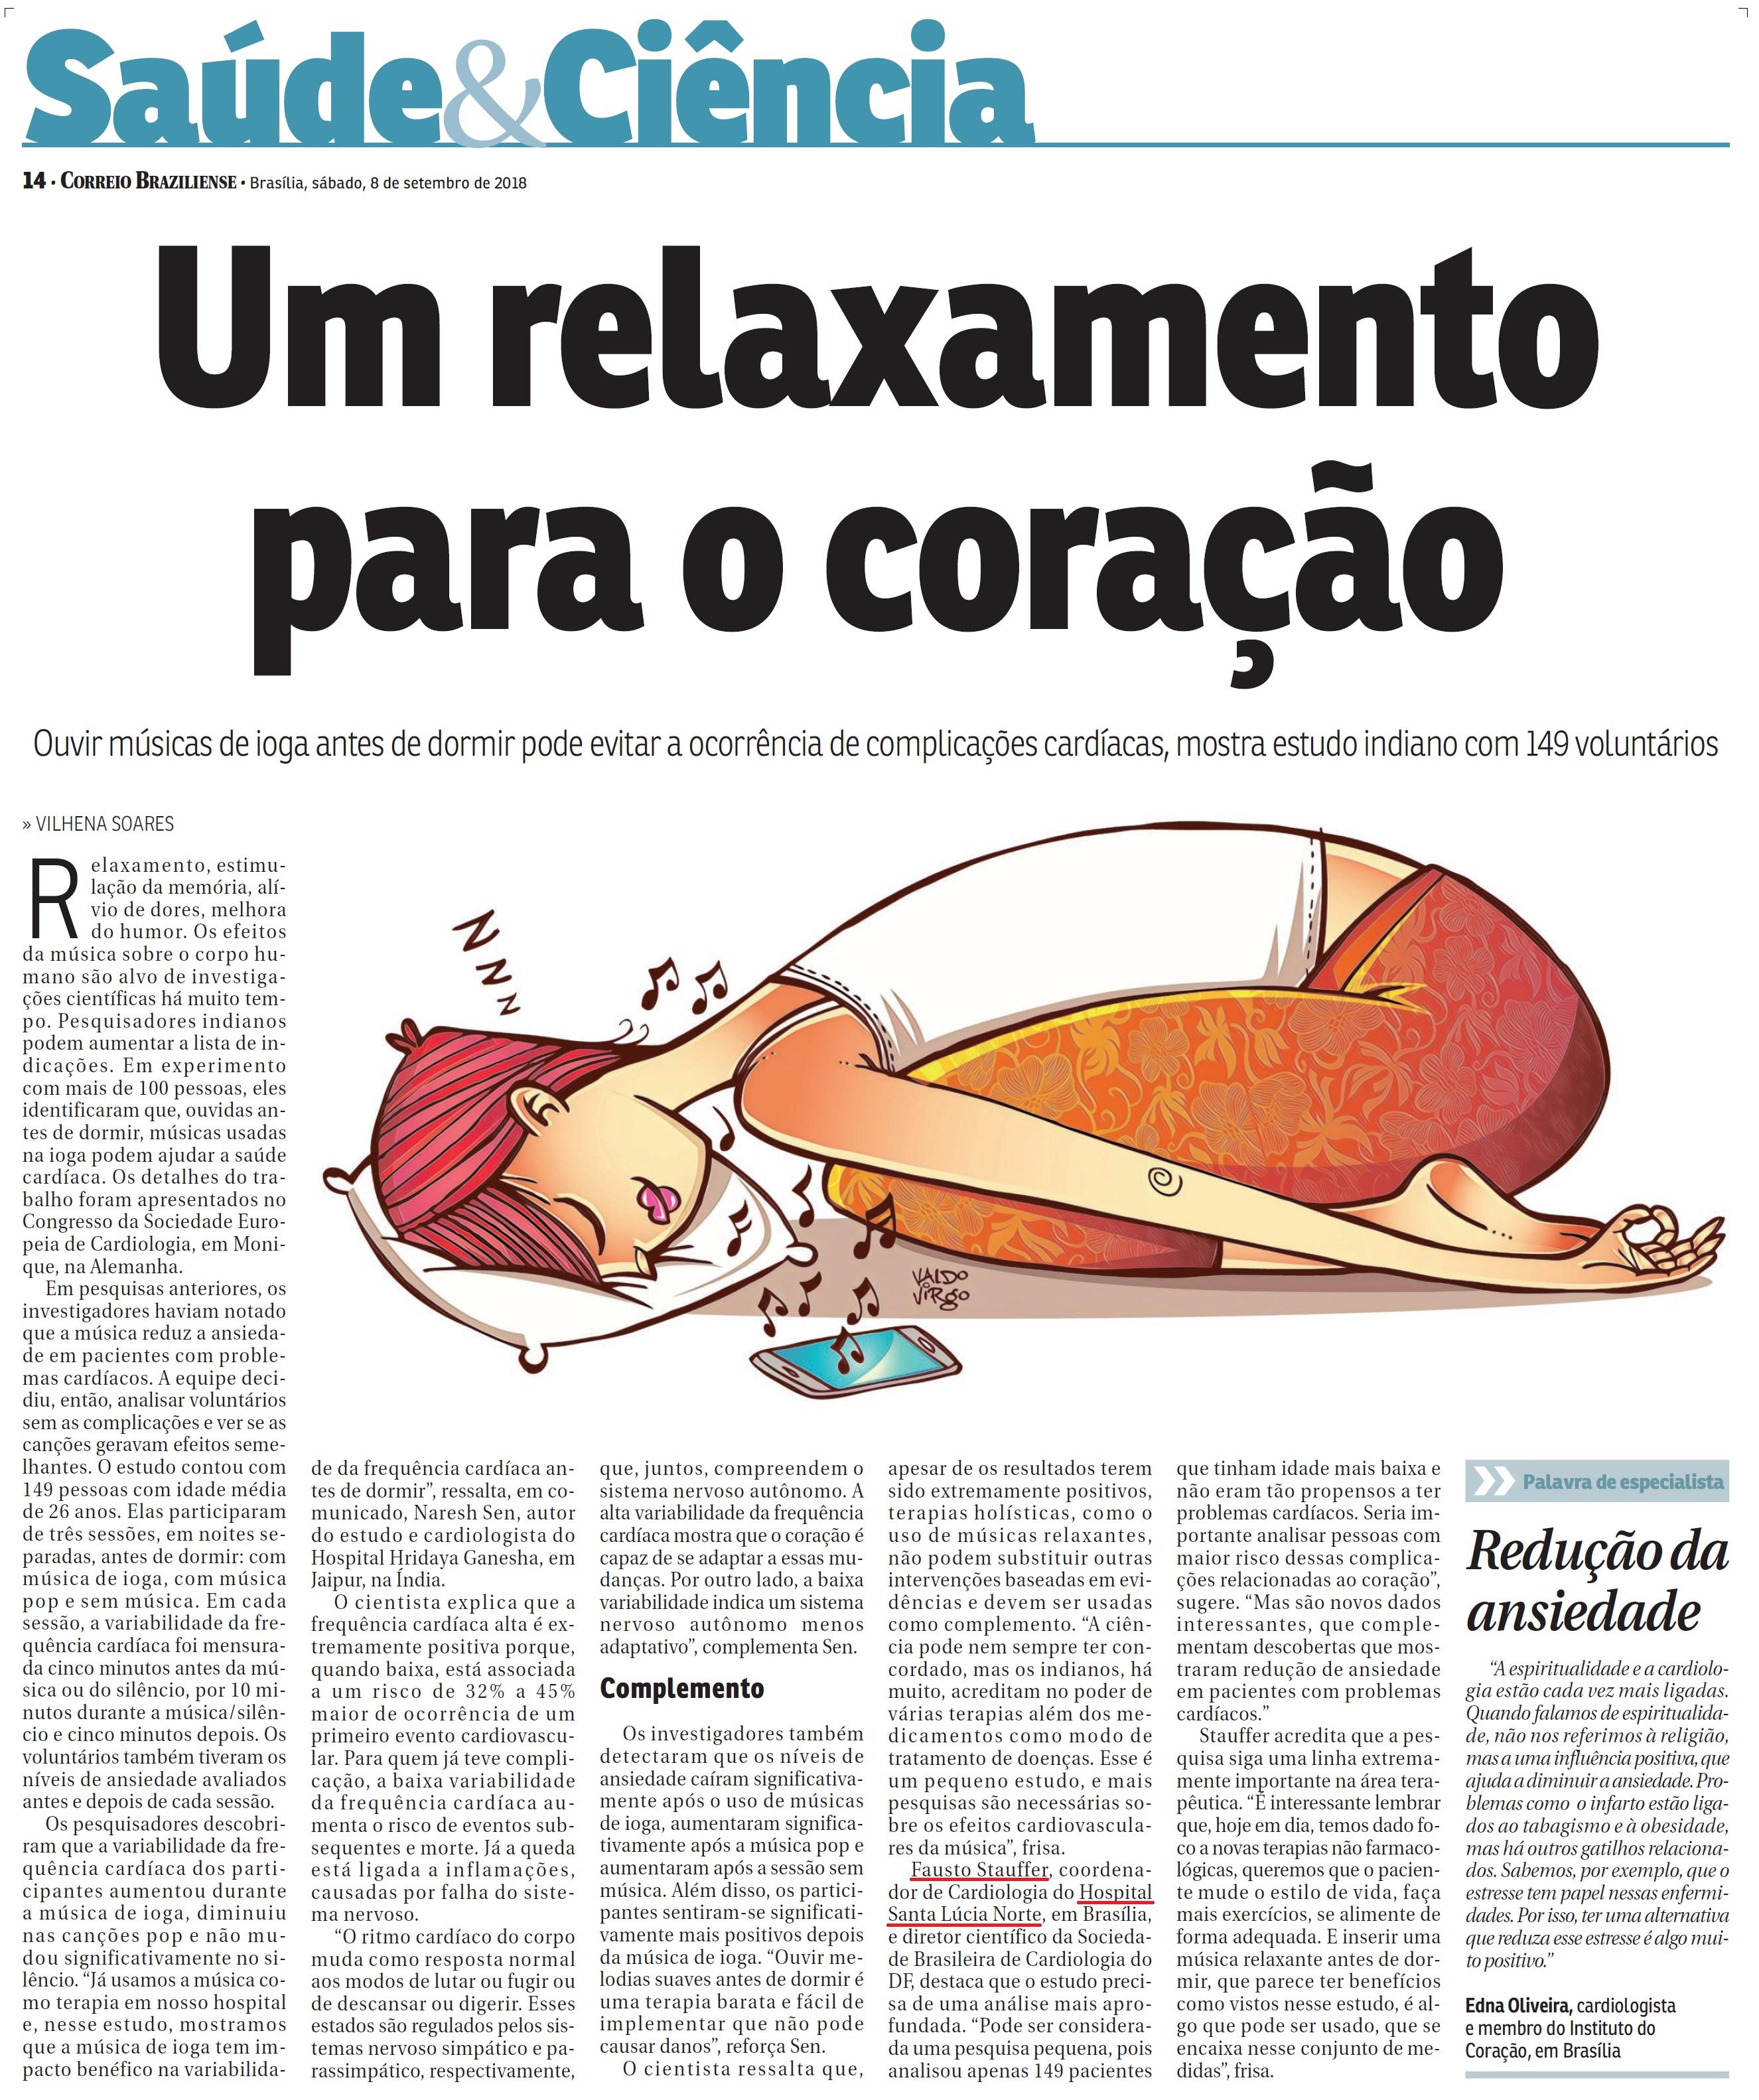 Correio Braziliense - Dr. Fausto Stauffer HSLN - 08-09-2018